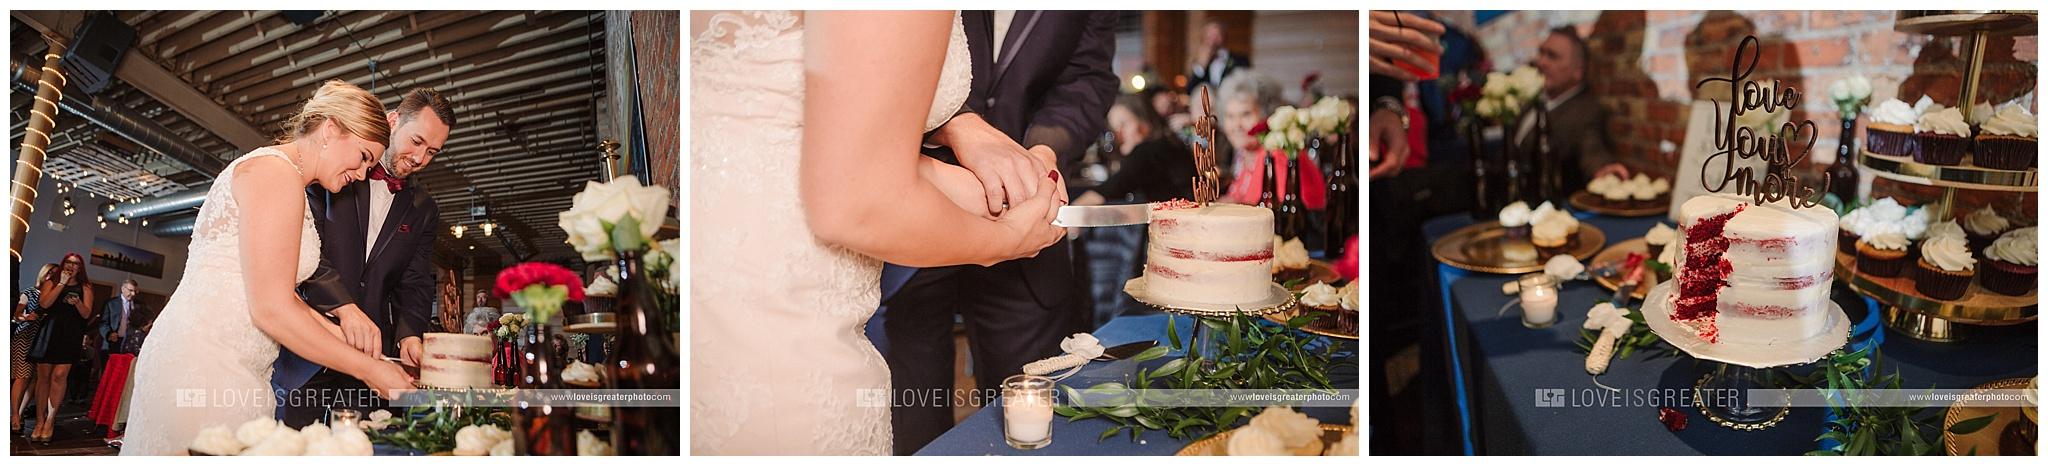 toledo-wedding-photographer_0053